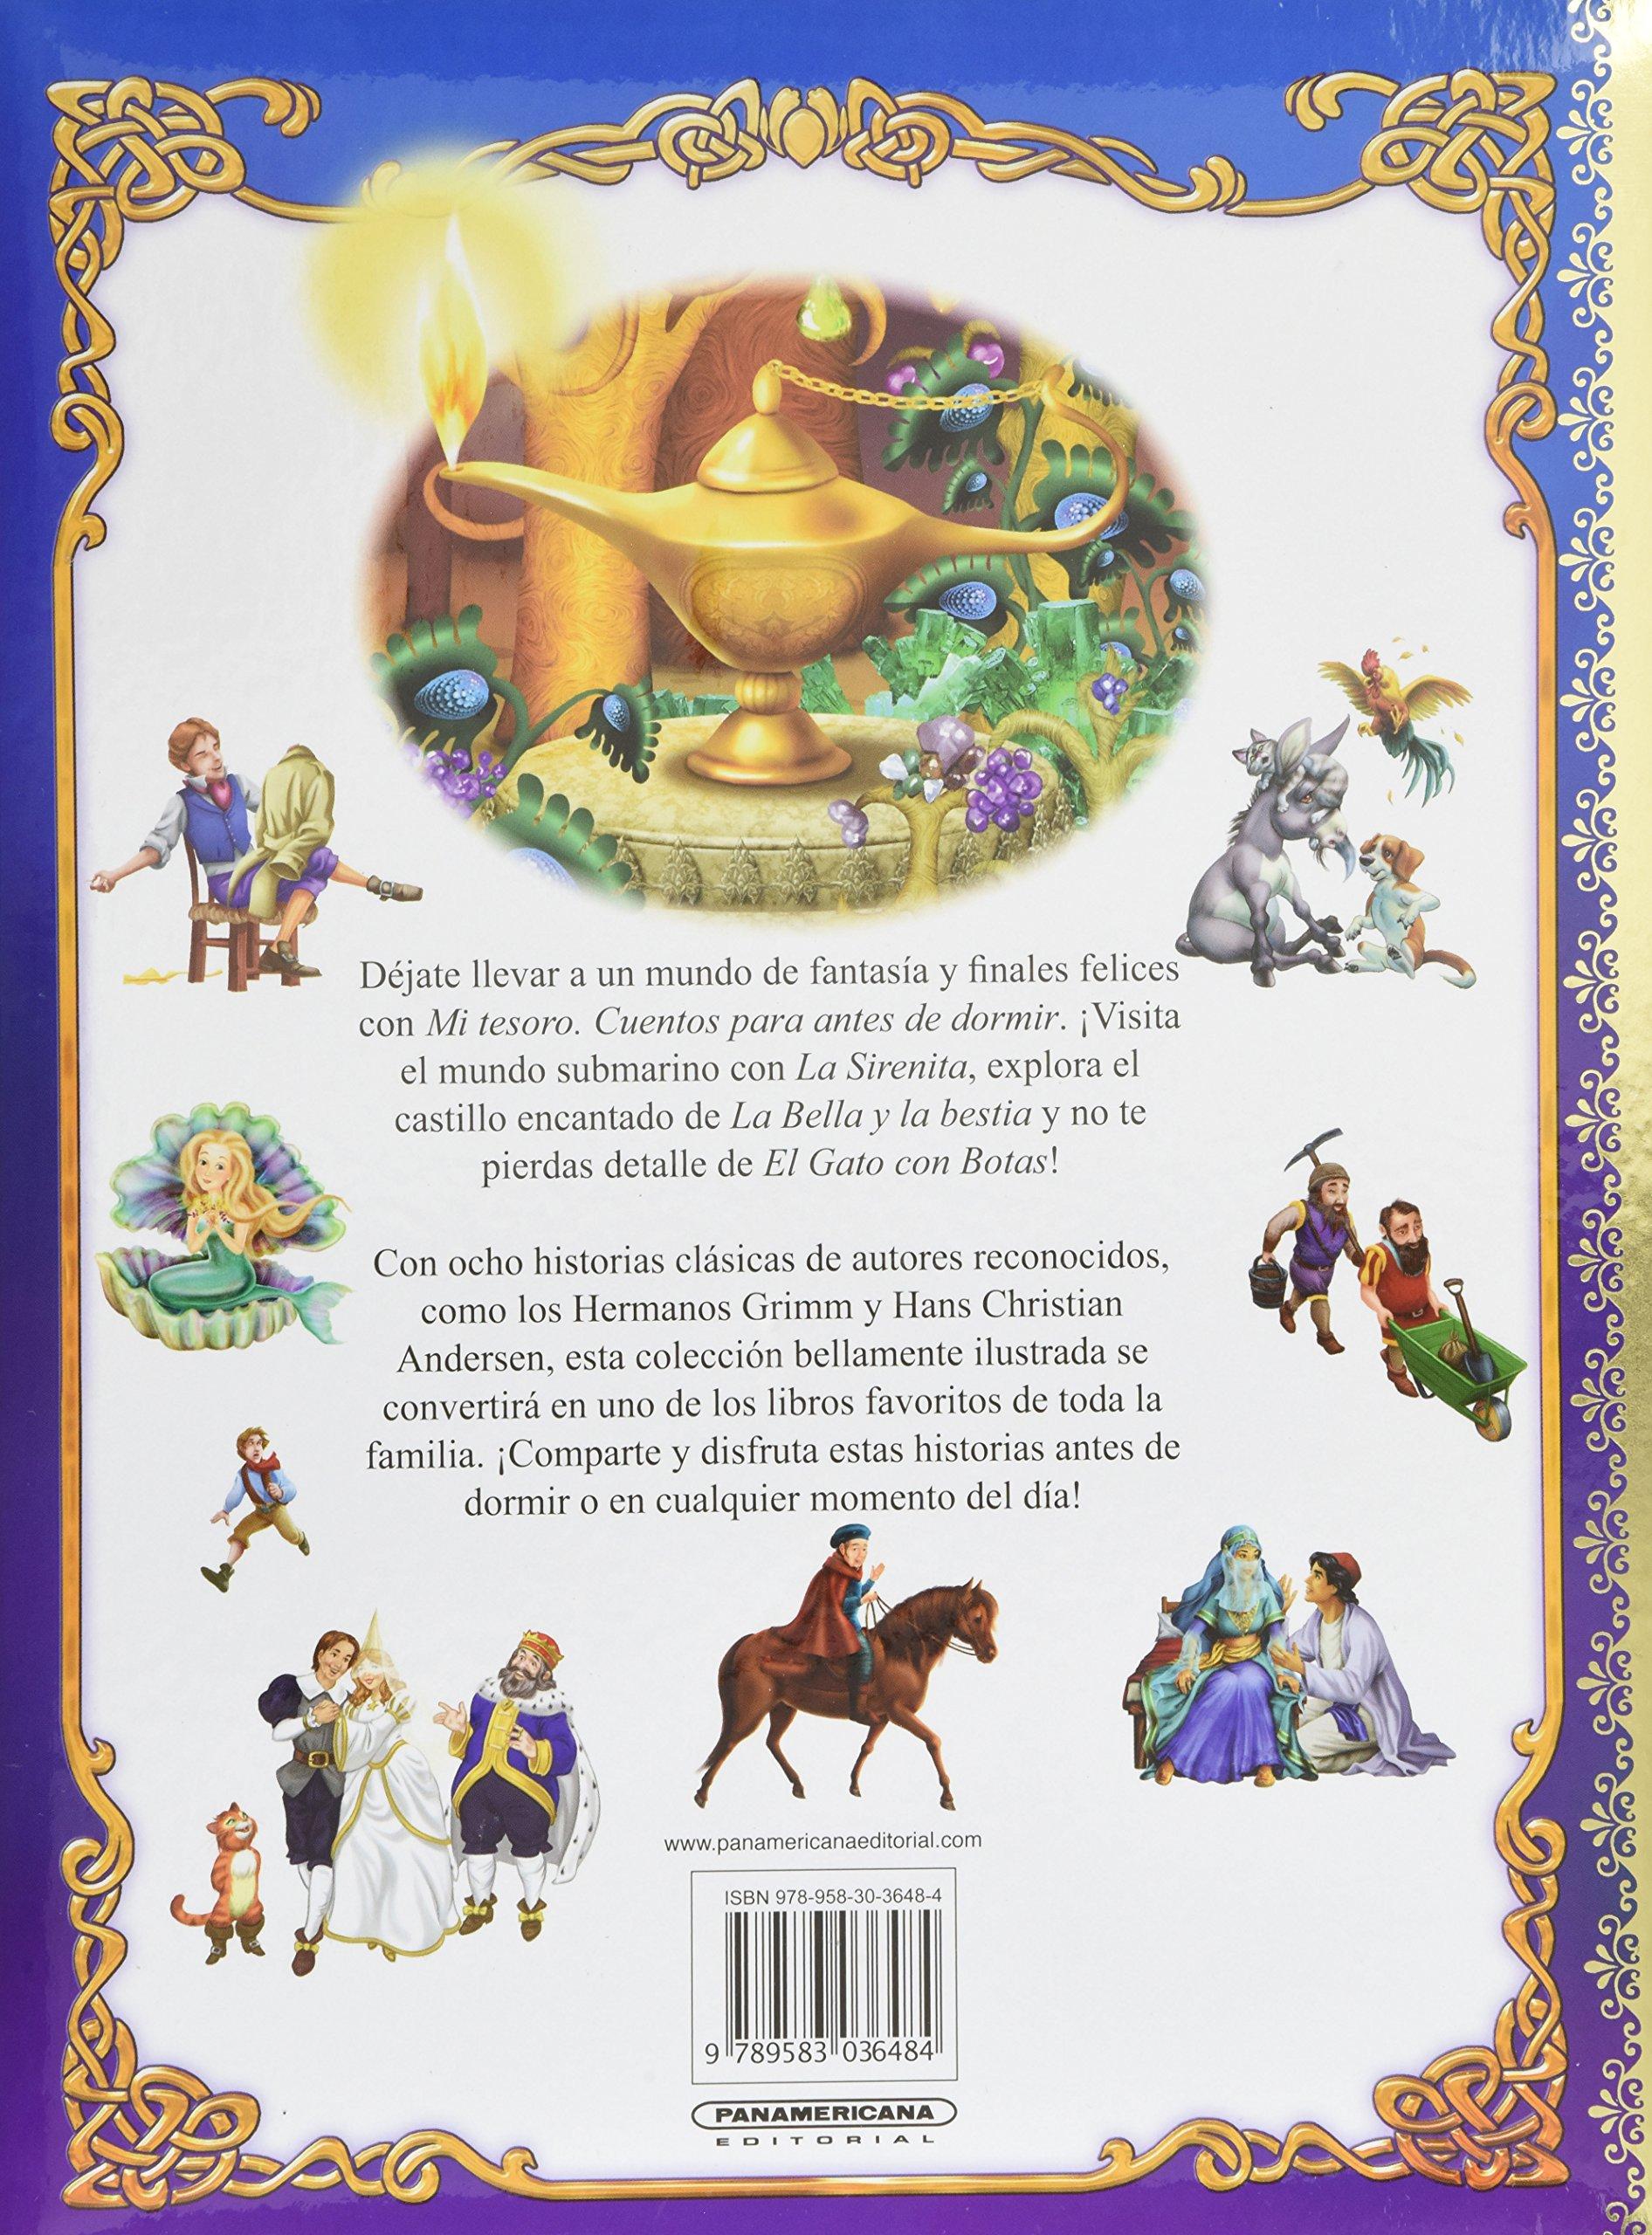 CUENTOS PARA ANTES DE DORMIR (Spanish Edition): Varios: 9789583036484: Amazon.com: Books